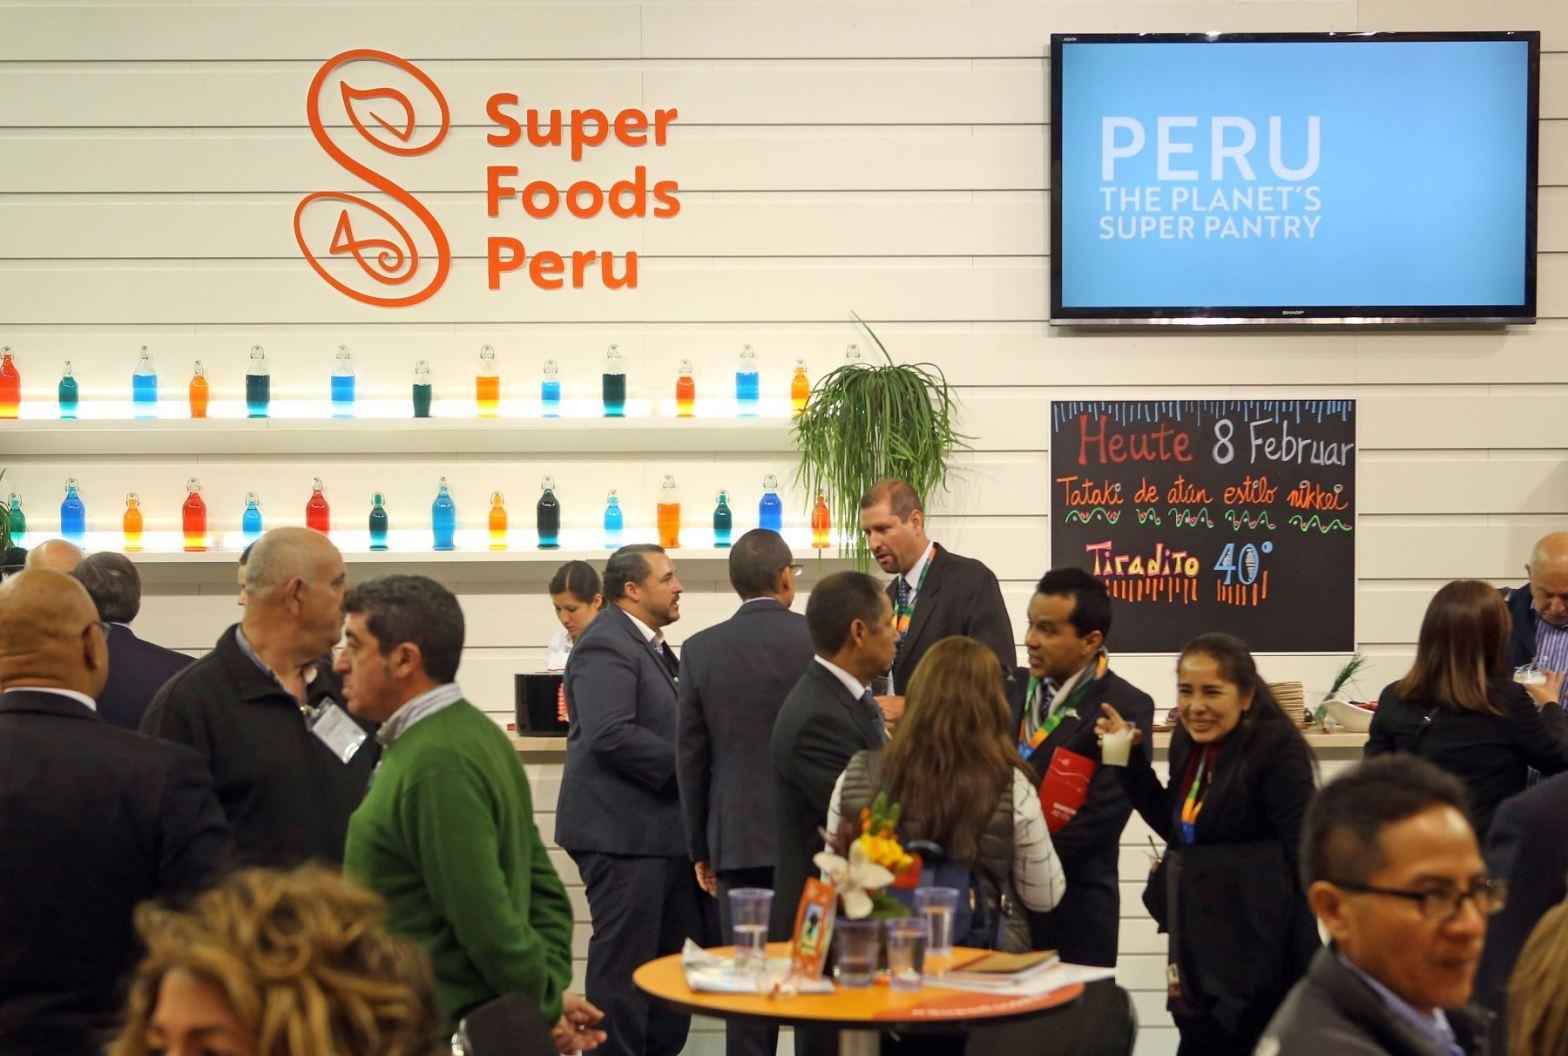 Perú presentó por primera vez los superfoods en Madrid